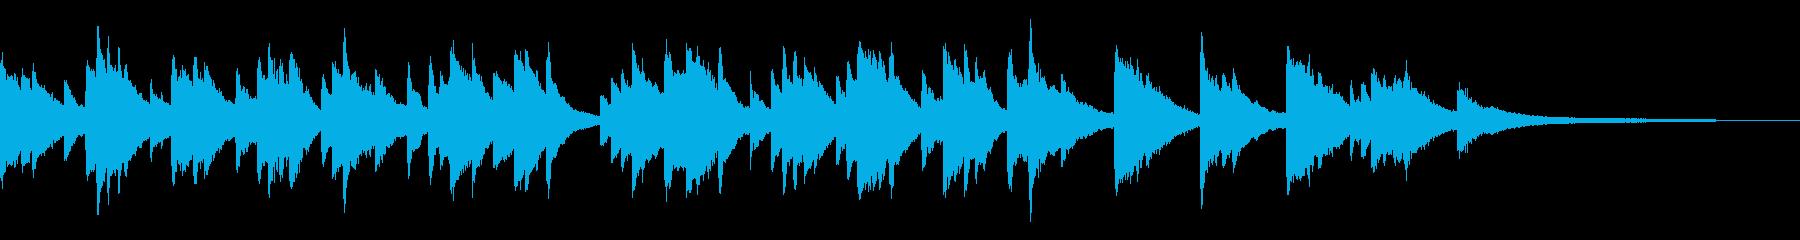 メロディアスで哀愁のあるピアノ曲です。の再生済みの波形